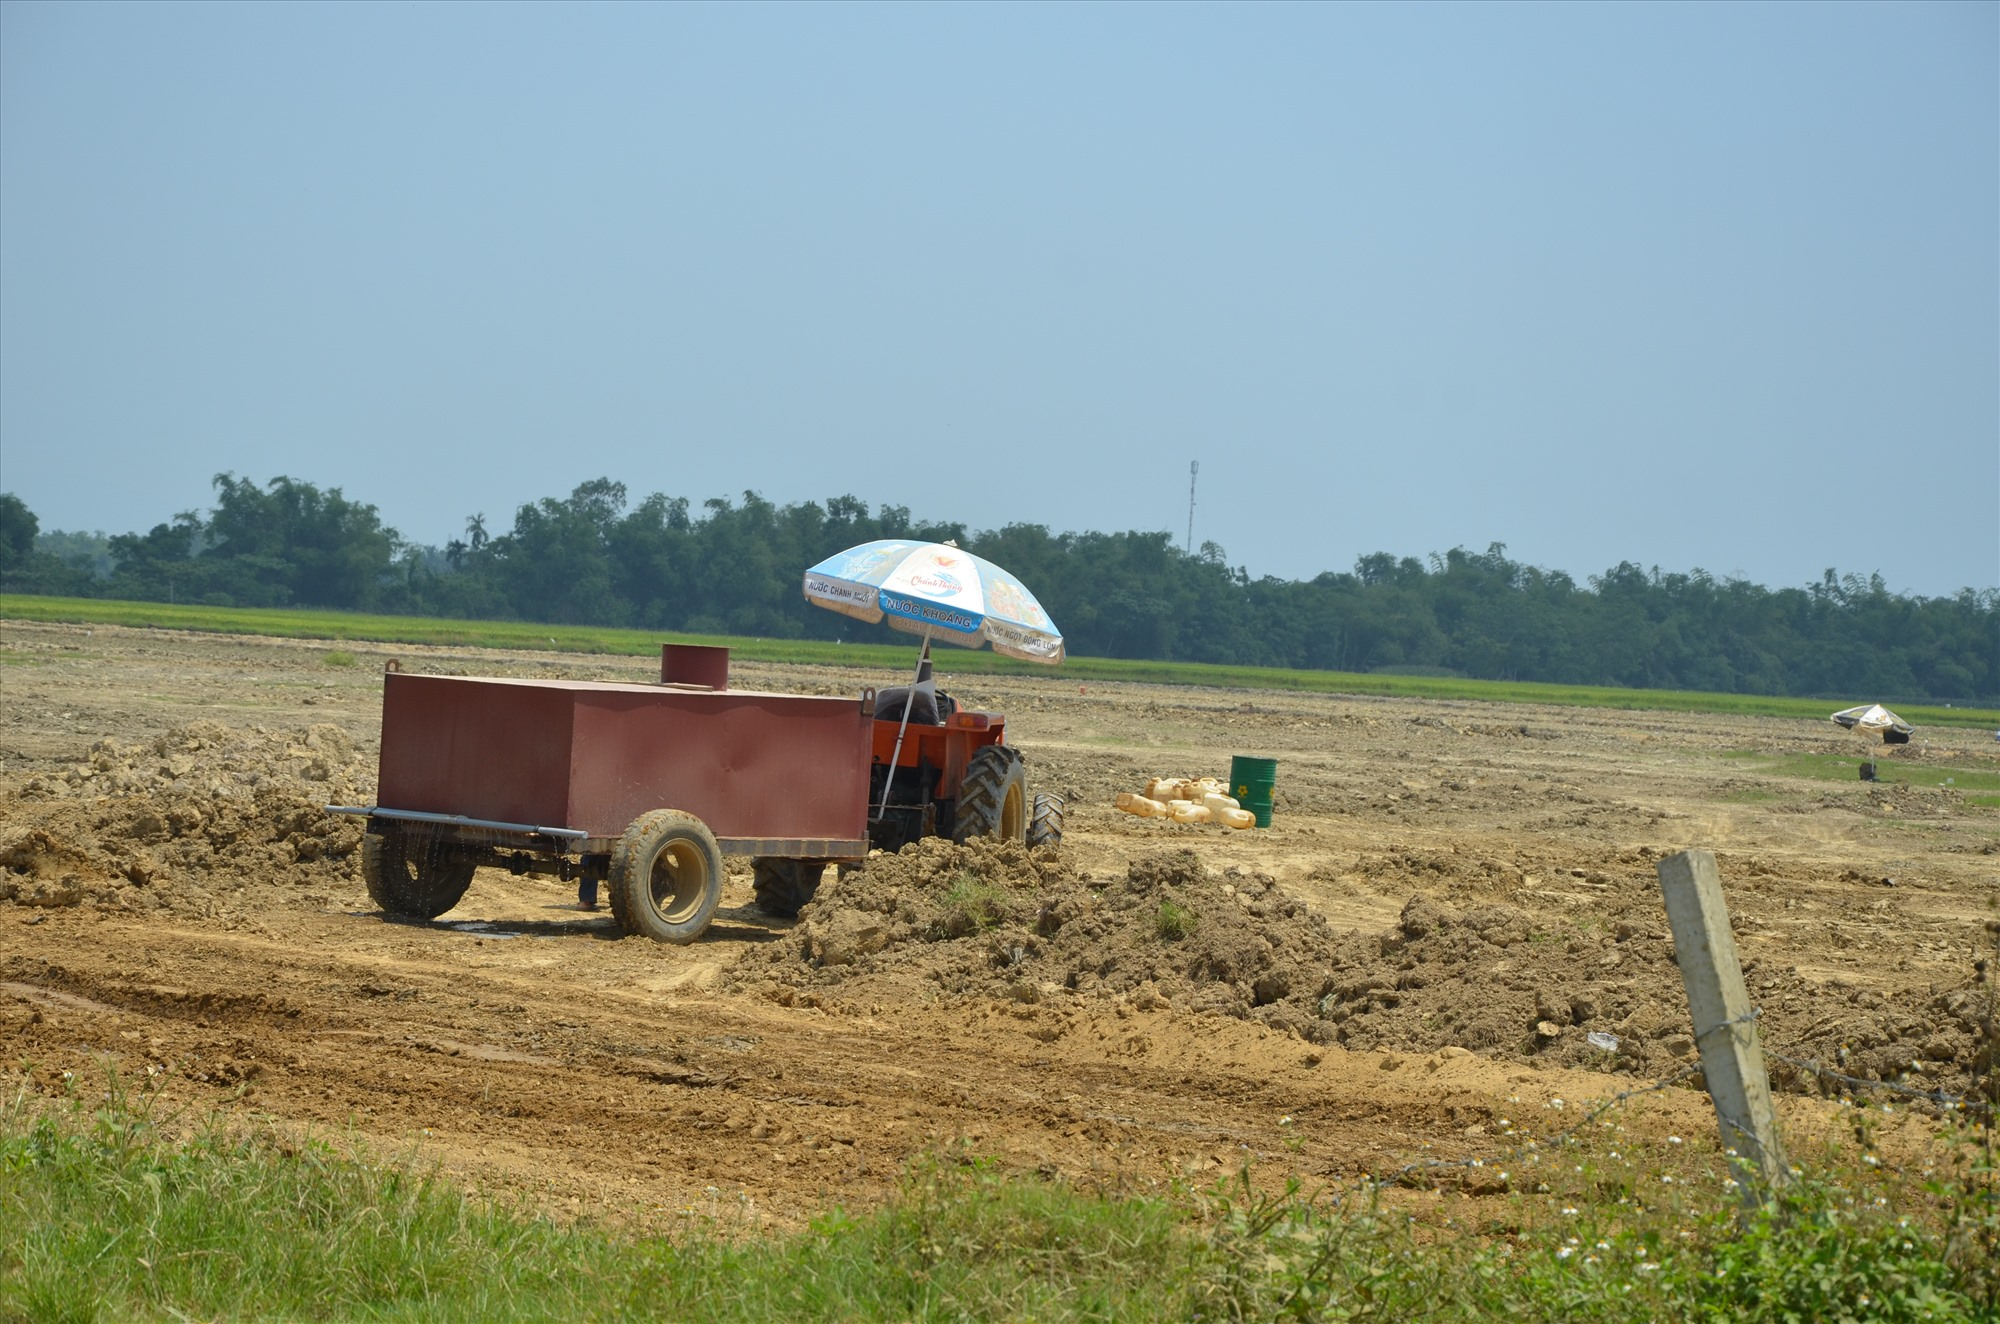 Các dự án muốn thu hồi đất, chuyển đổi mục đich sử dụng đất lúa đều phải được sự thống nhất của HĐND các cấp. TRONG ẢNH: Cải tạo đồng ruộng tại Điện Thắng Bắc (thị xã Điện Bàn). Ảnh: T.H